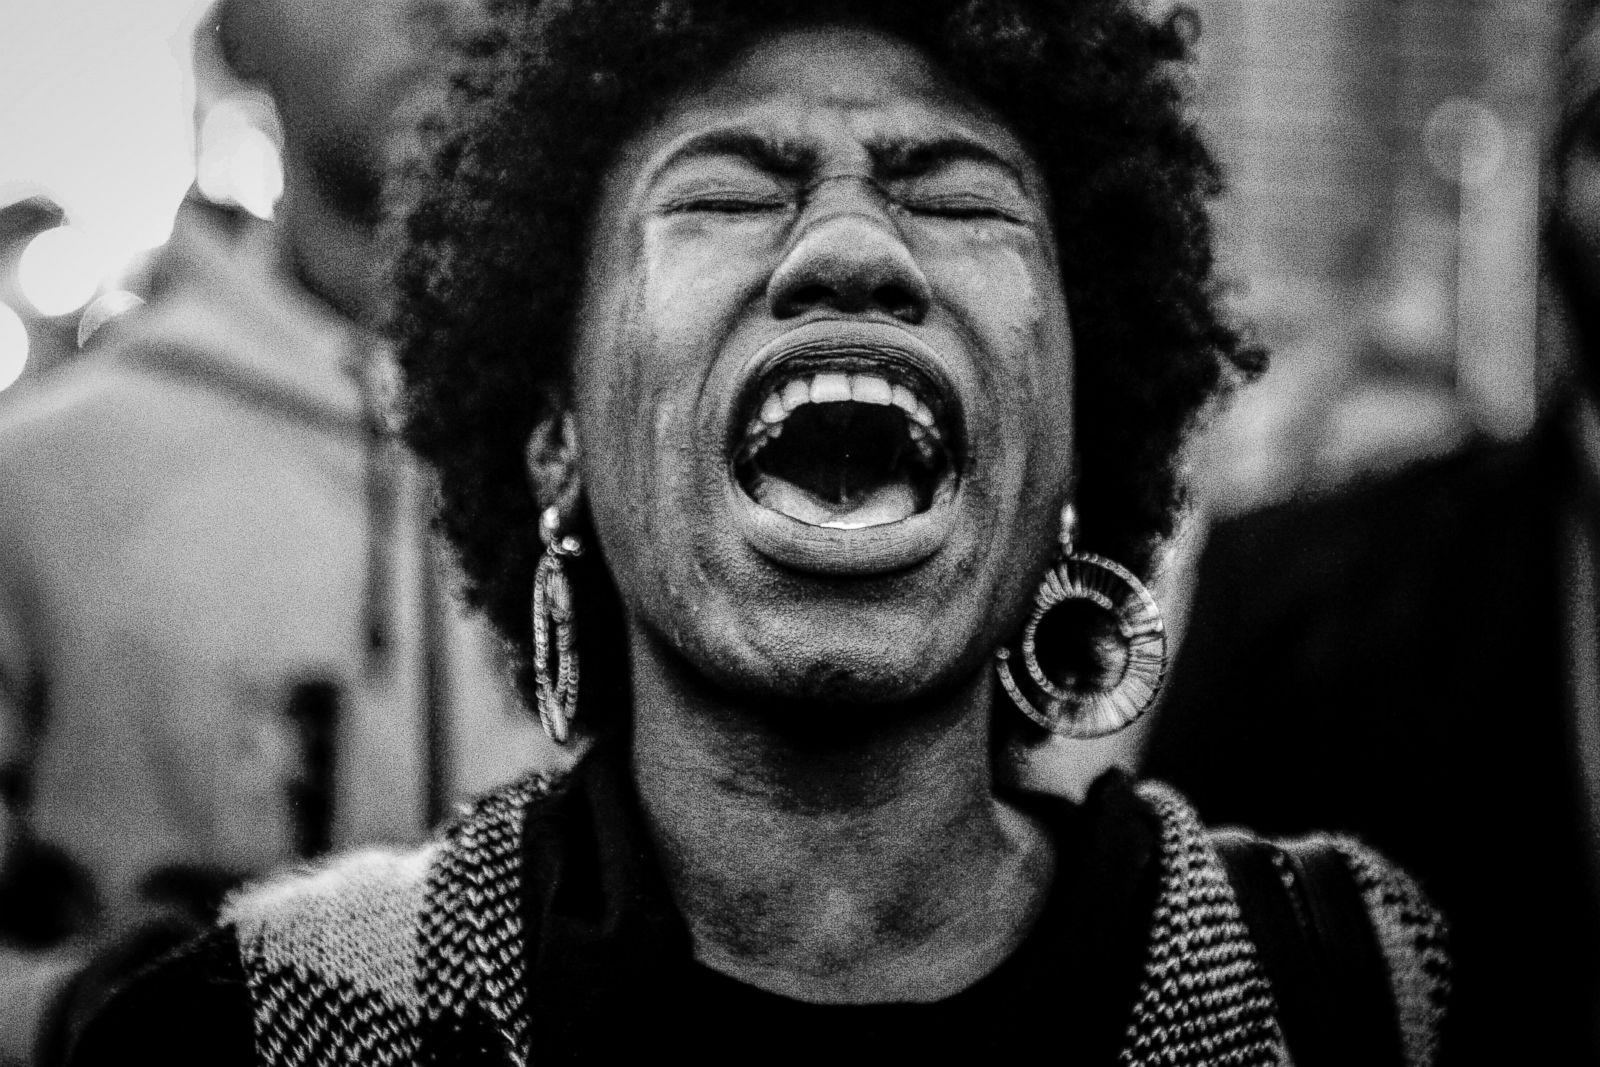 Mecca Verde, de 18 años, está junto a otros manifestantes del movimiento Black Lives Matter en el Inner Harbor para protestar por la confirmación de Kevin Davis como nuevo comisionado de la policía de la ciudad de Baltimore, el 19 de octubre de 2015. Fotografía: Gabriella Demczuk